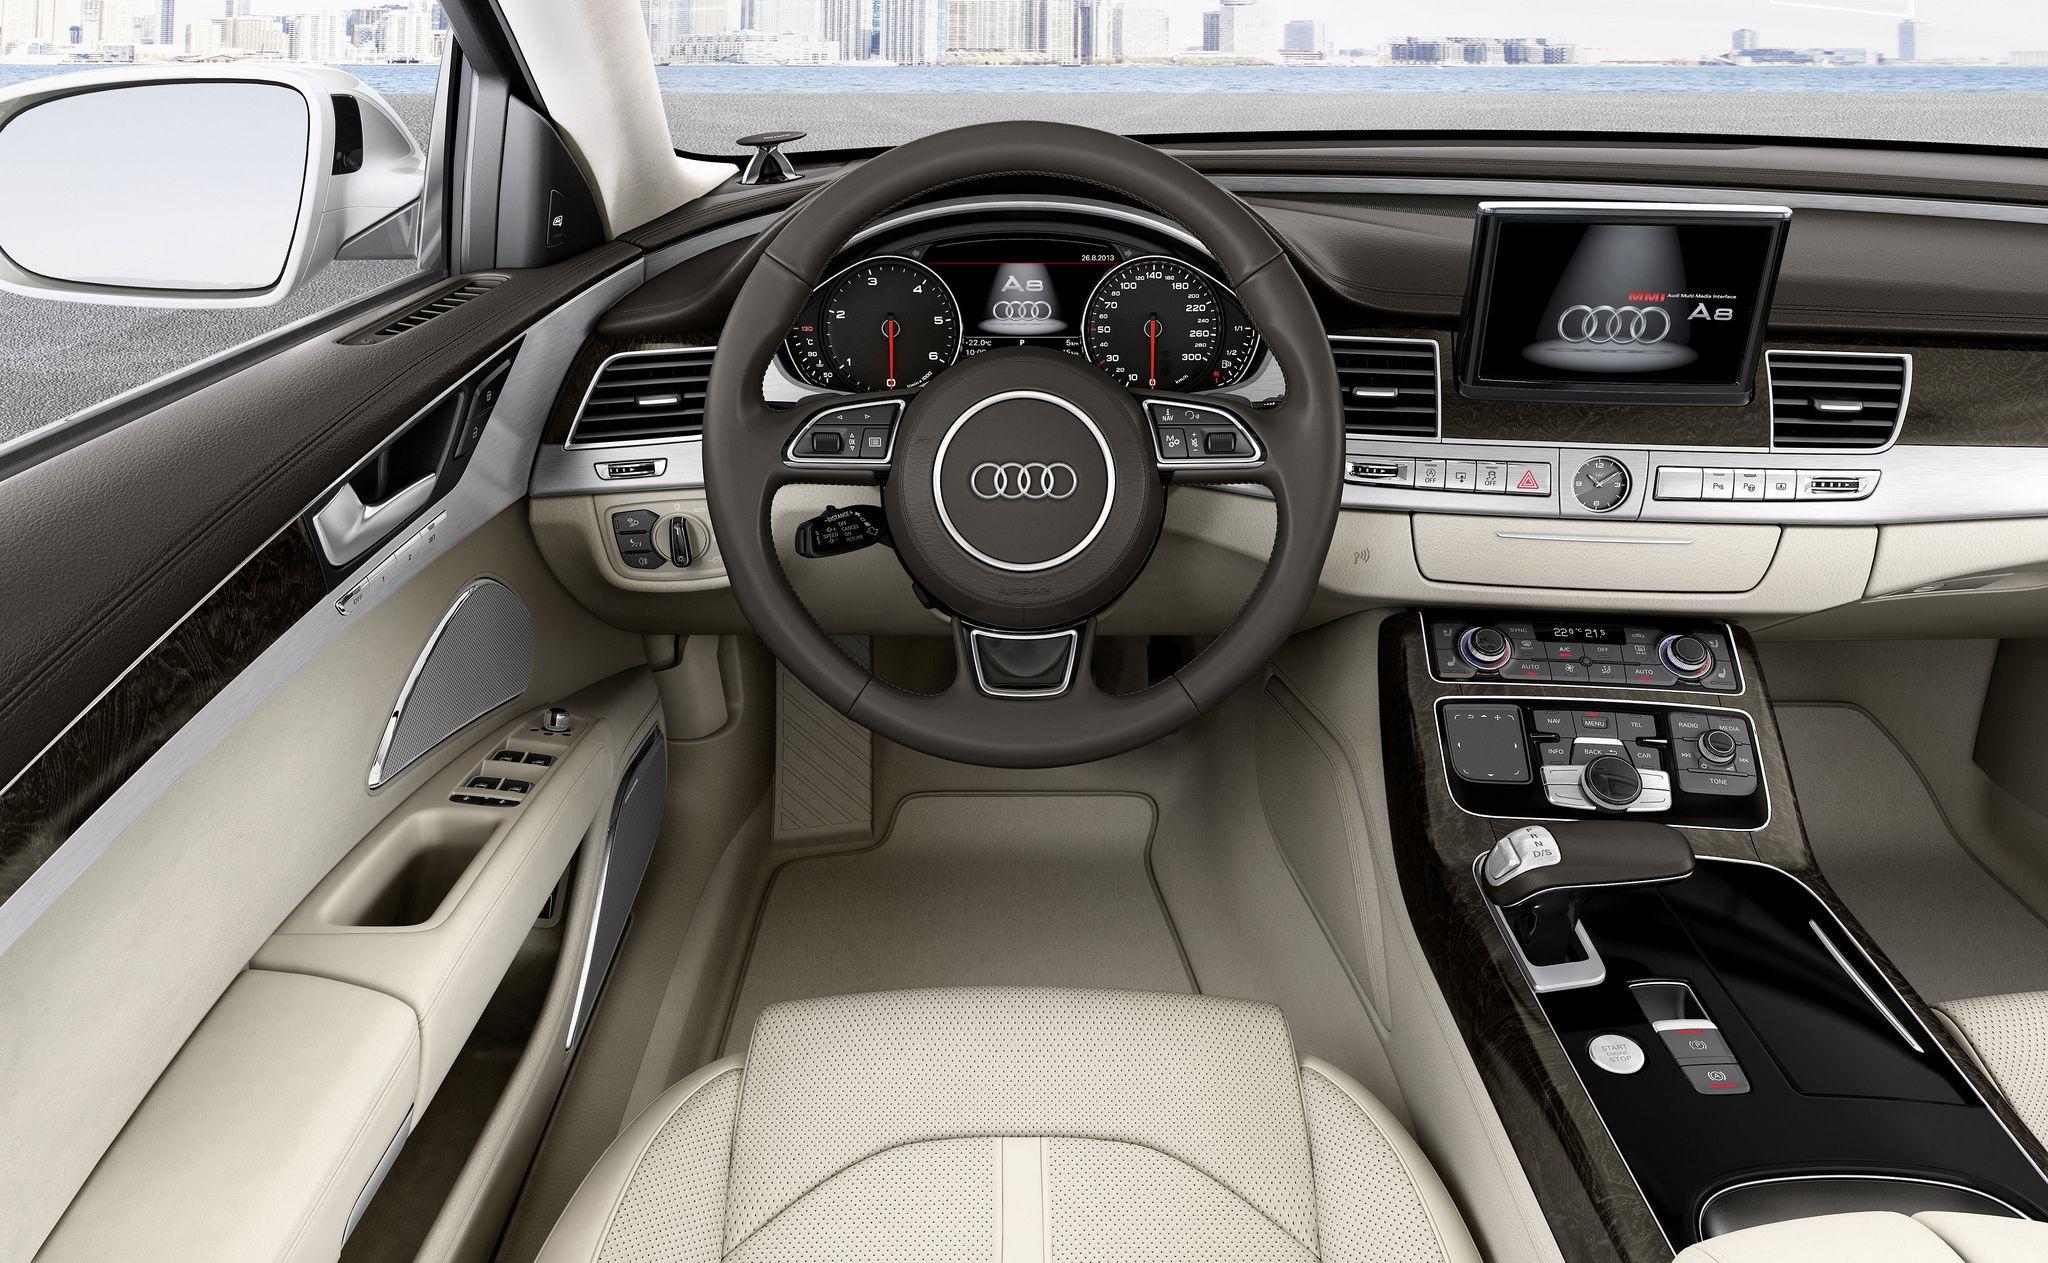 Audi A8 Tdi Quattro Audi A8 Audi Interior Audi Q3